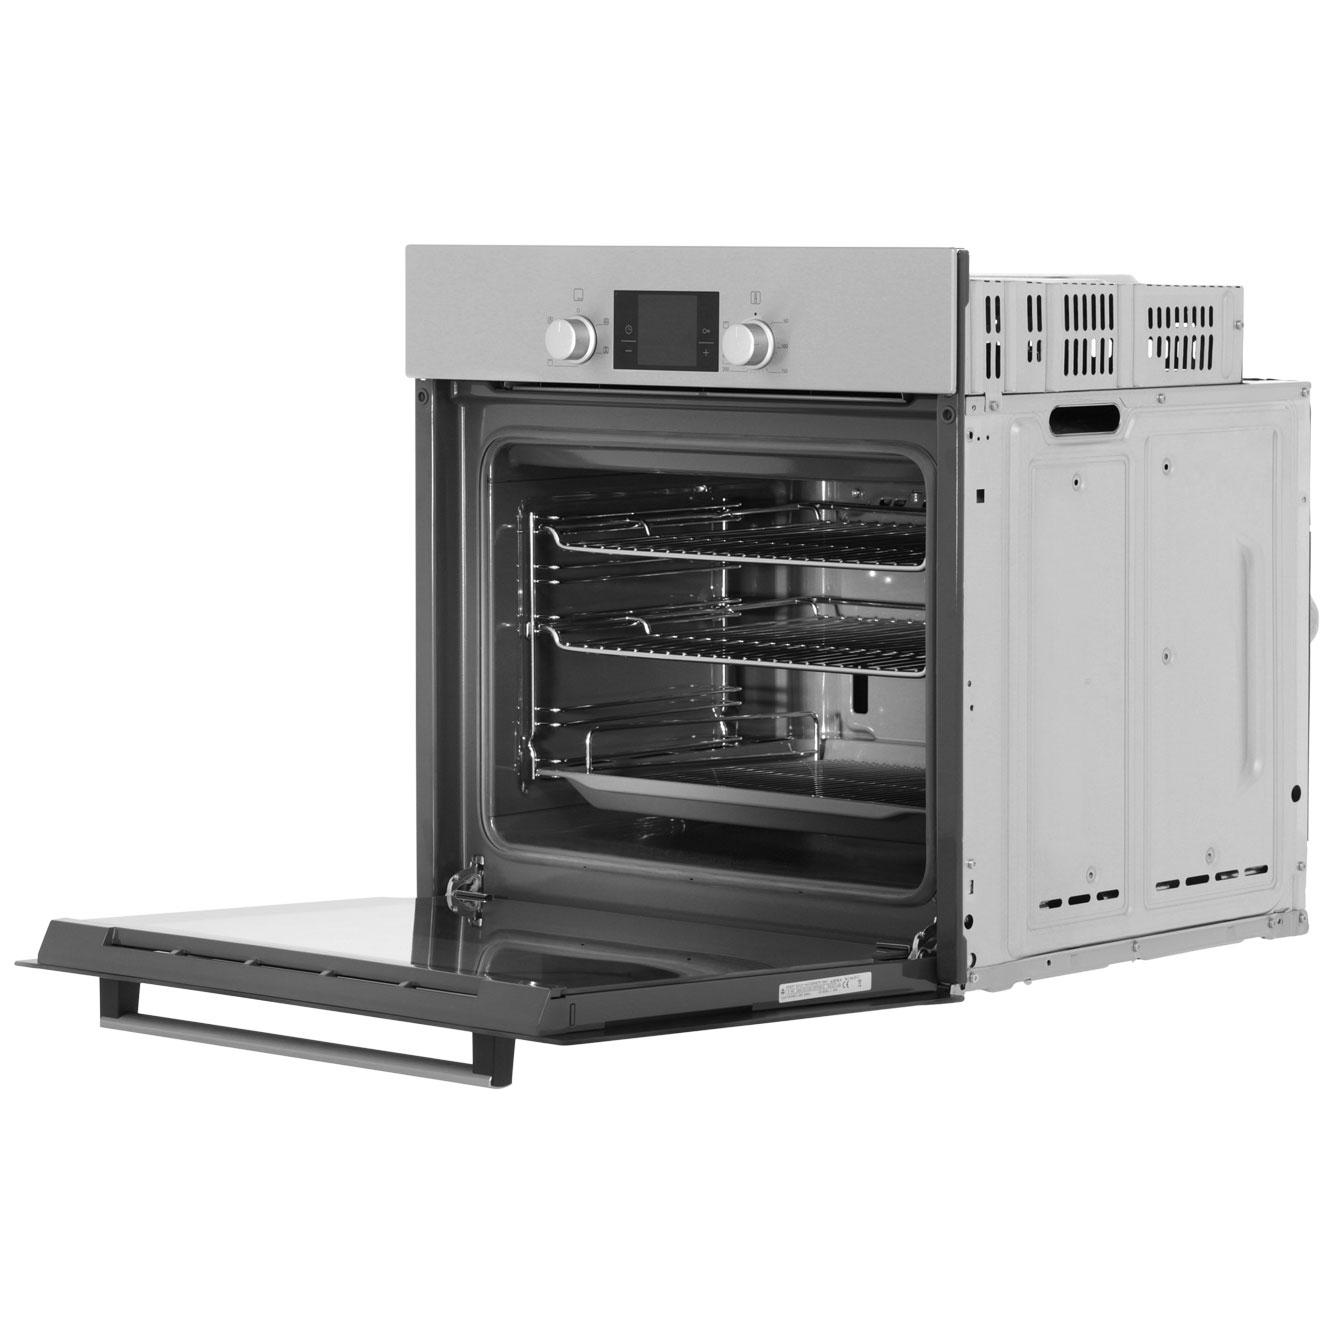 Bosch Oven With Slide Under Door